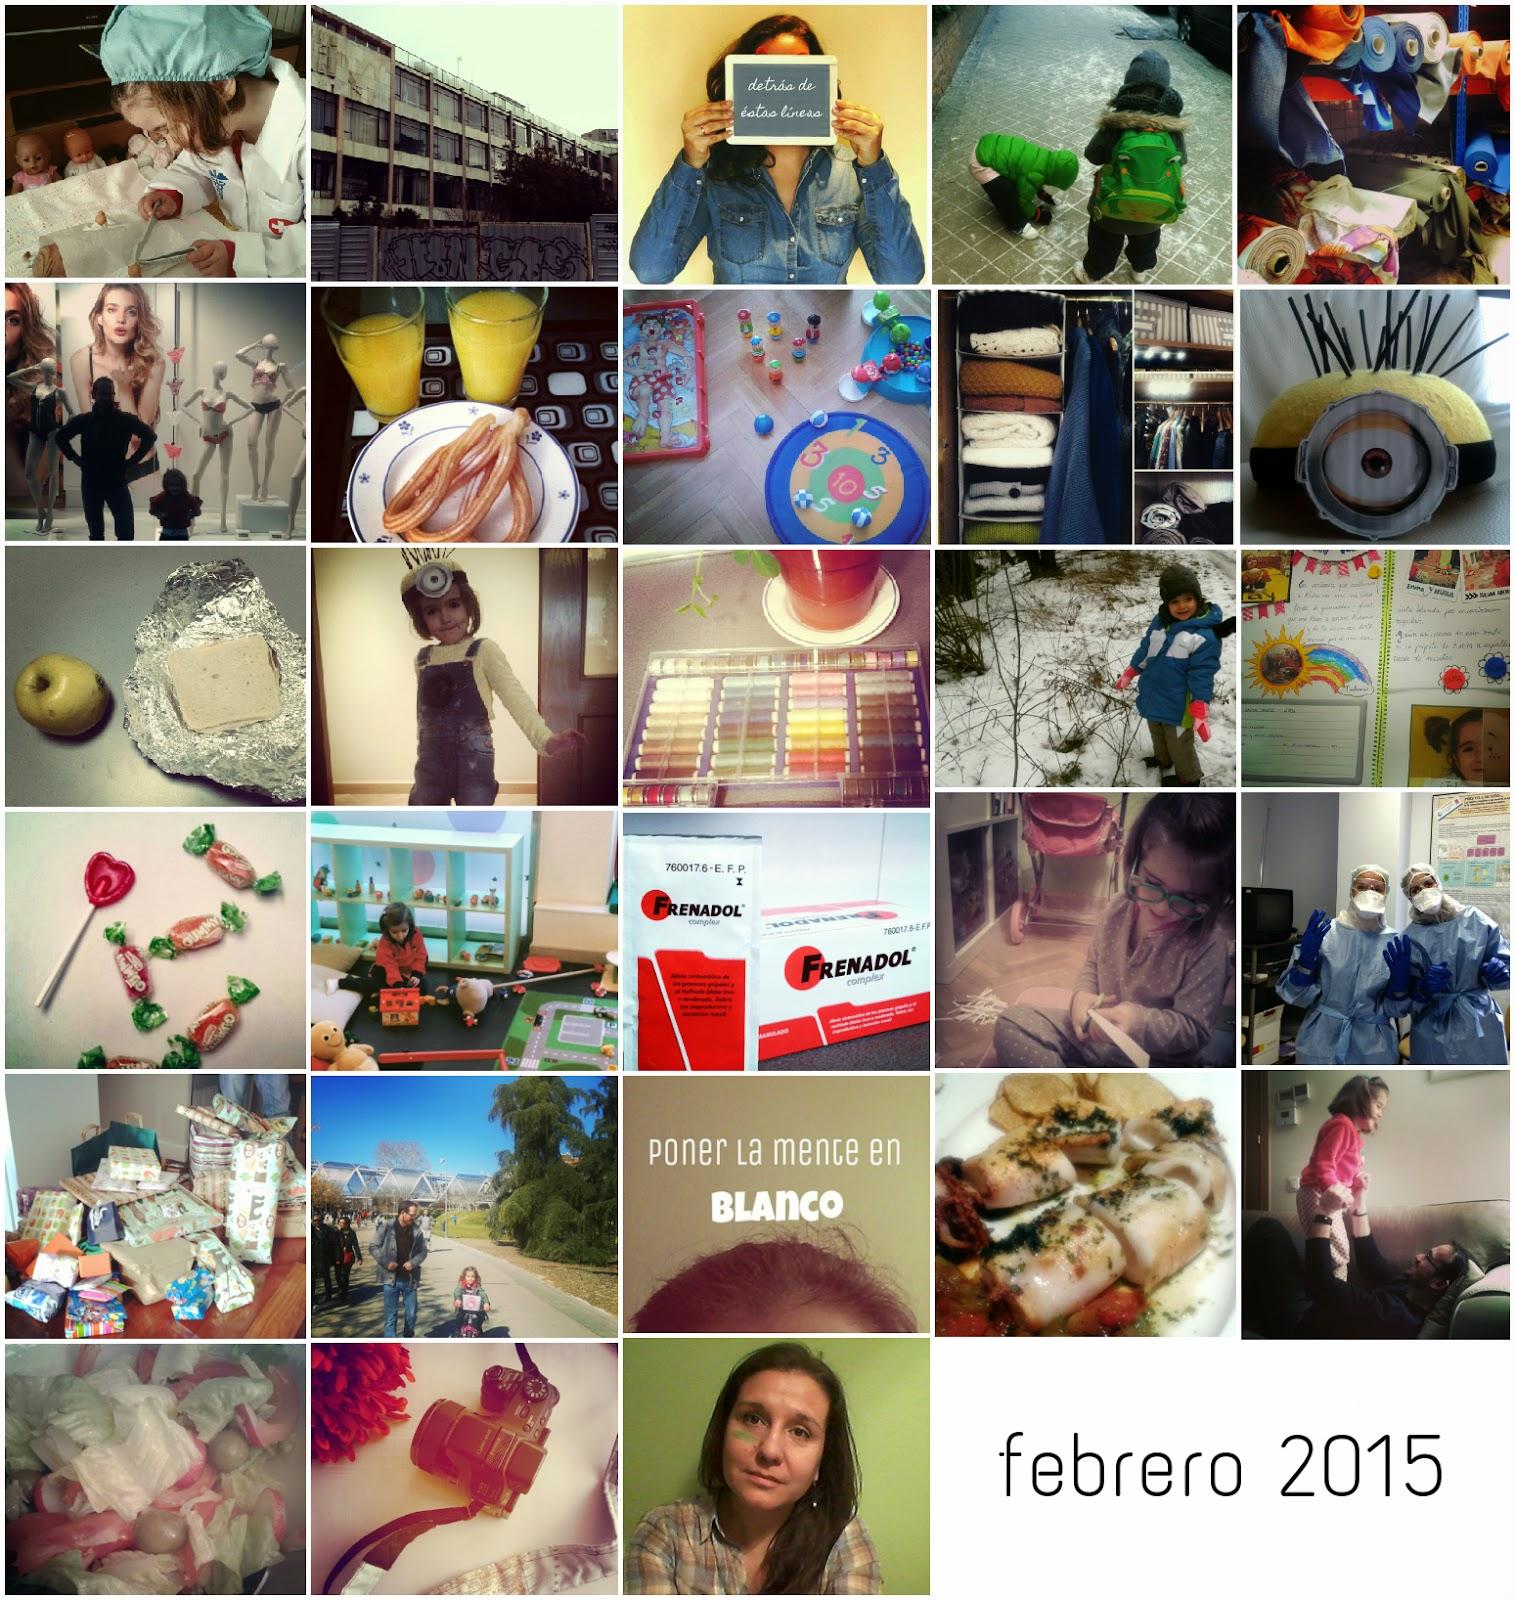 Febrero 2015 en fotos #365sd #365pd3